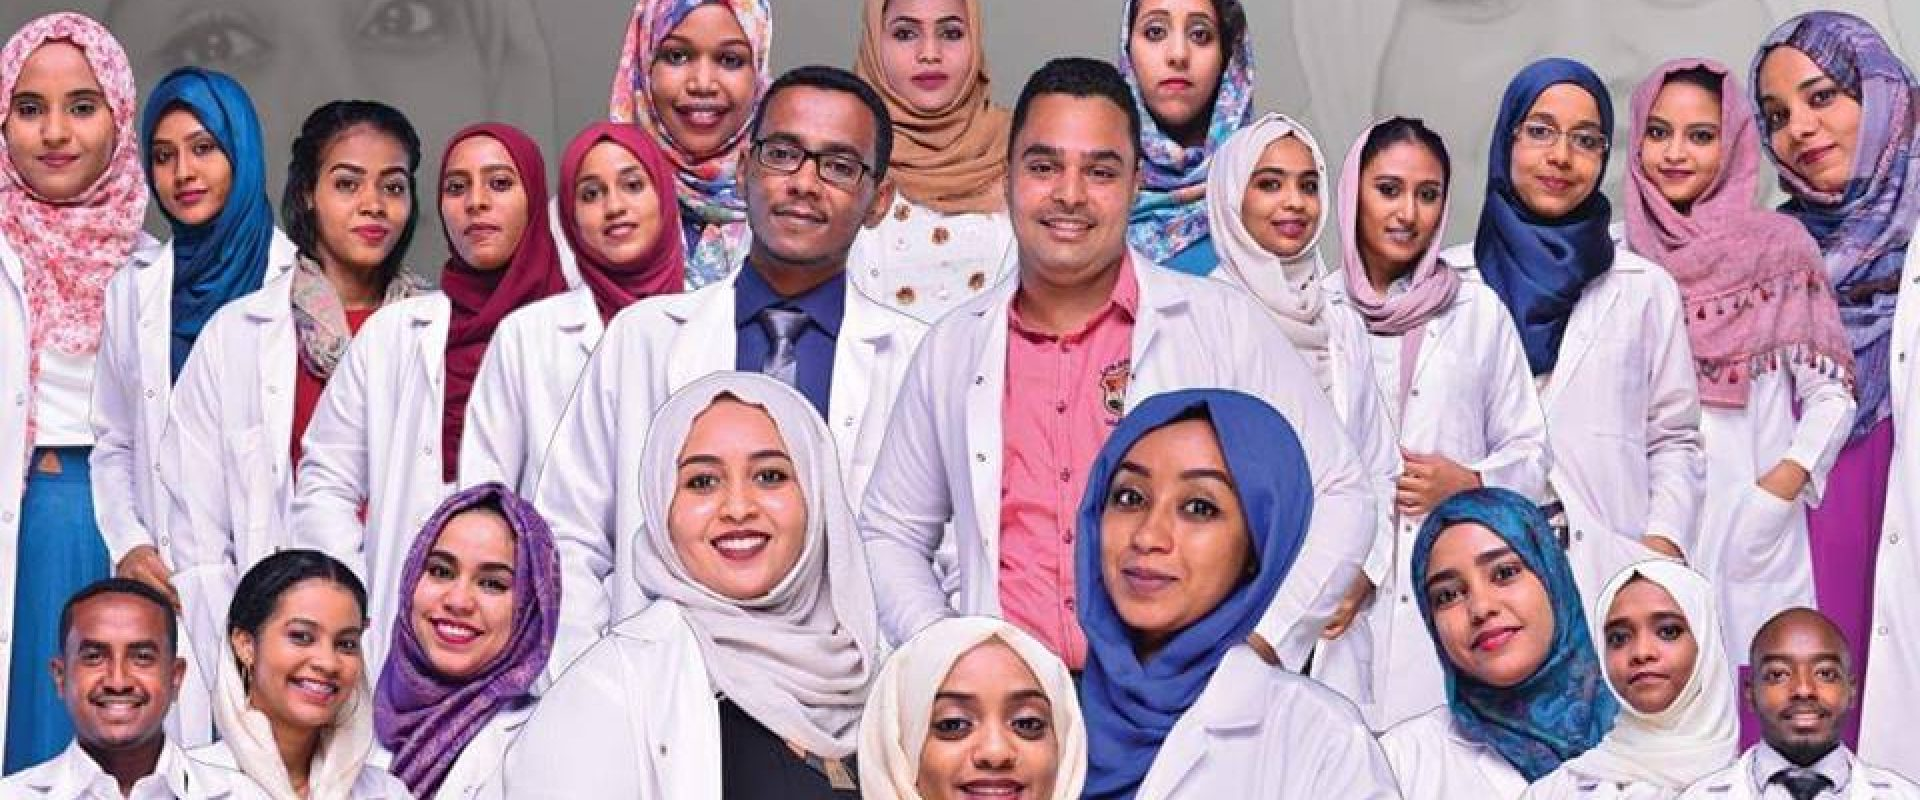 كلية طب الاسنان